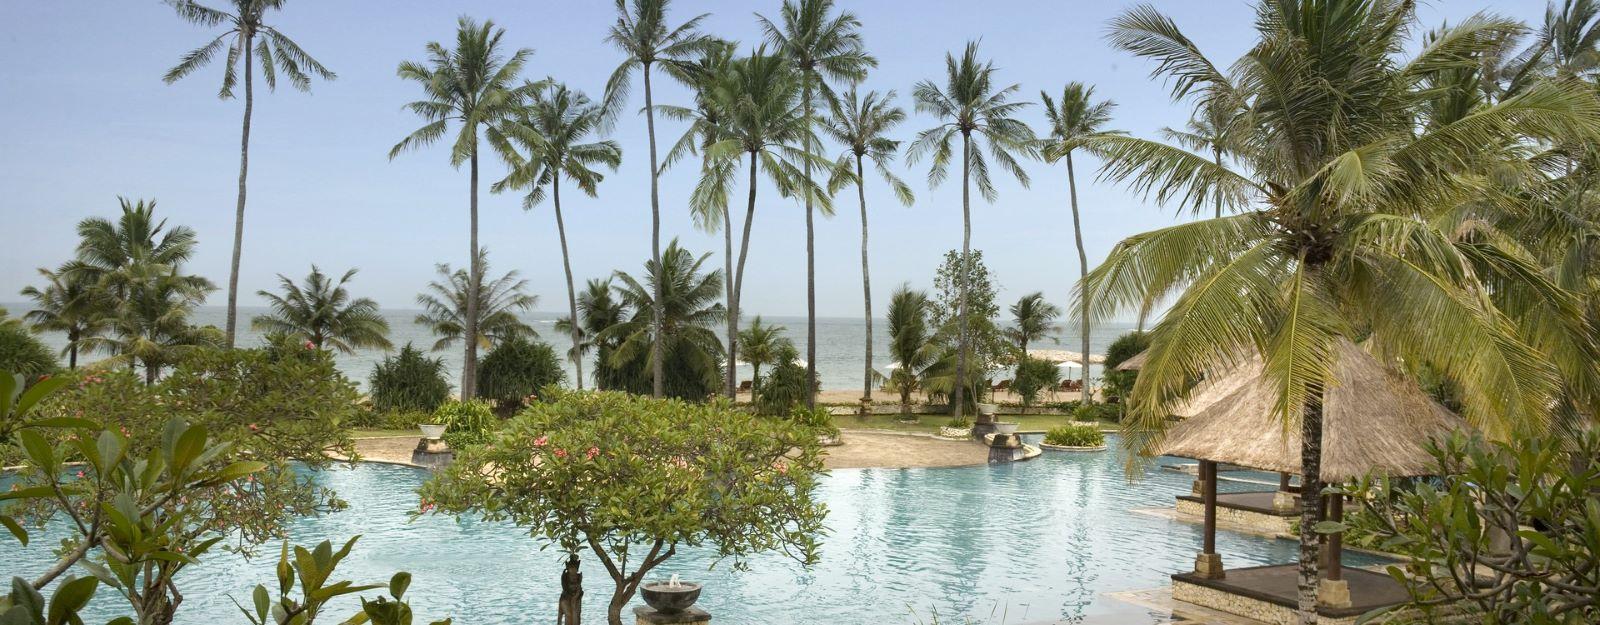 Patra-Bali-Boland-Travel